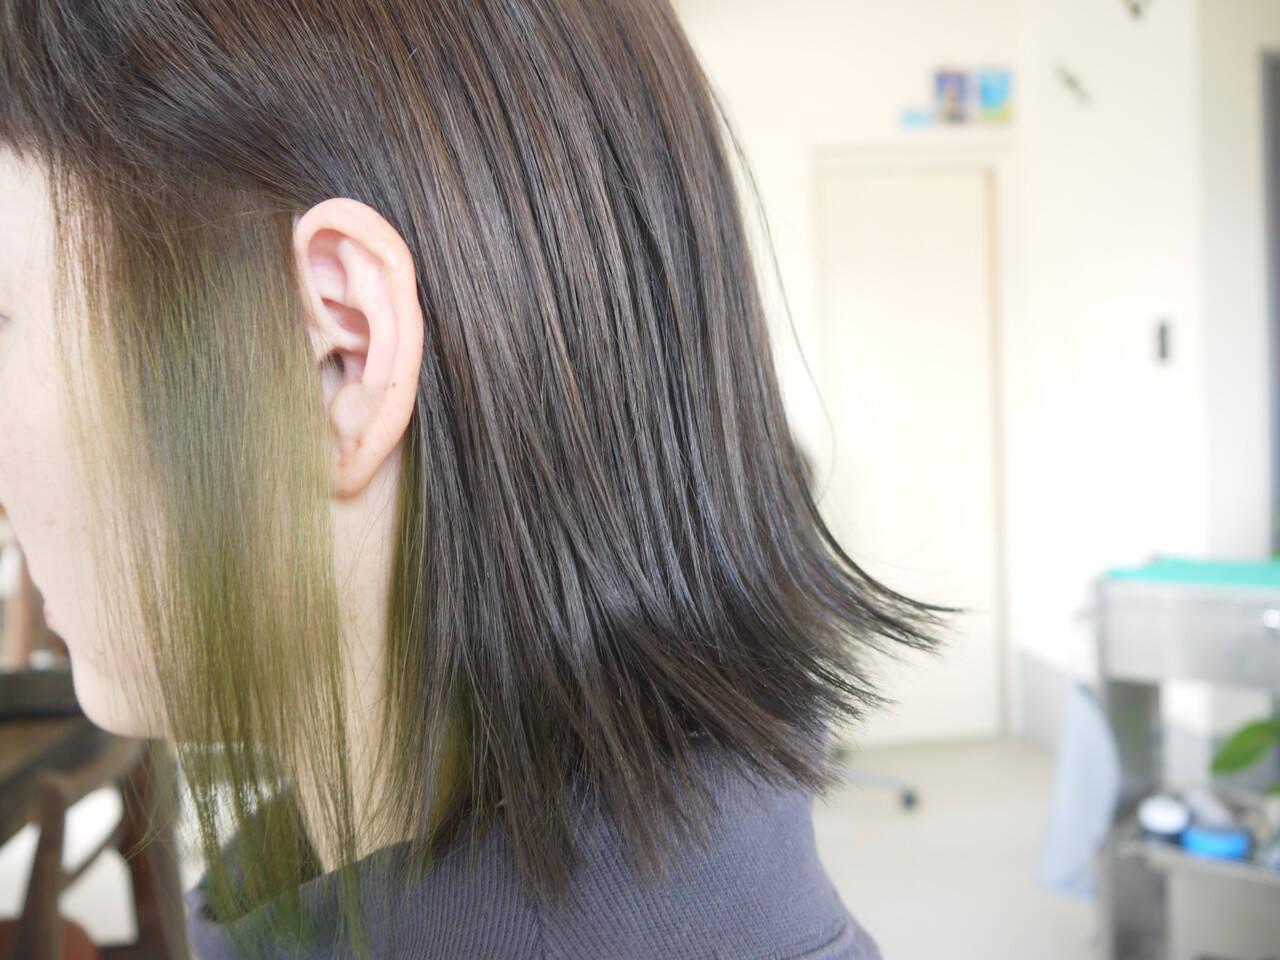 ダブルカラー ナチュラル ボブ グレージュヘアスタイルや髪型の写真・画像